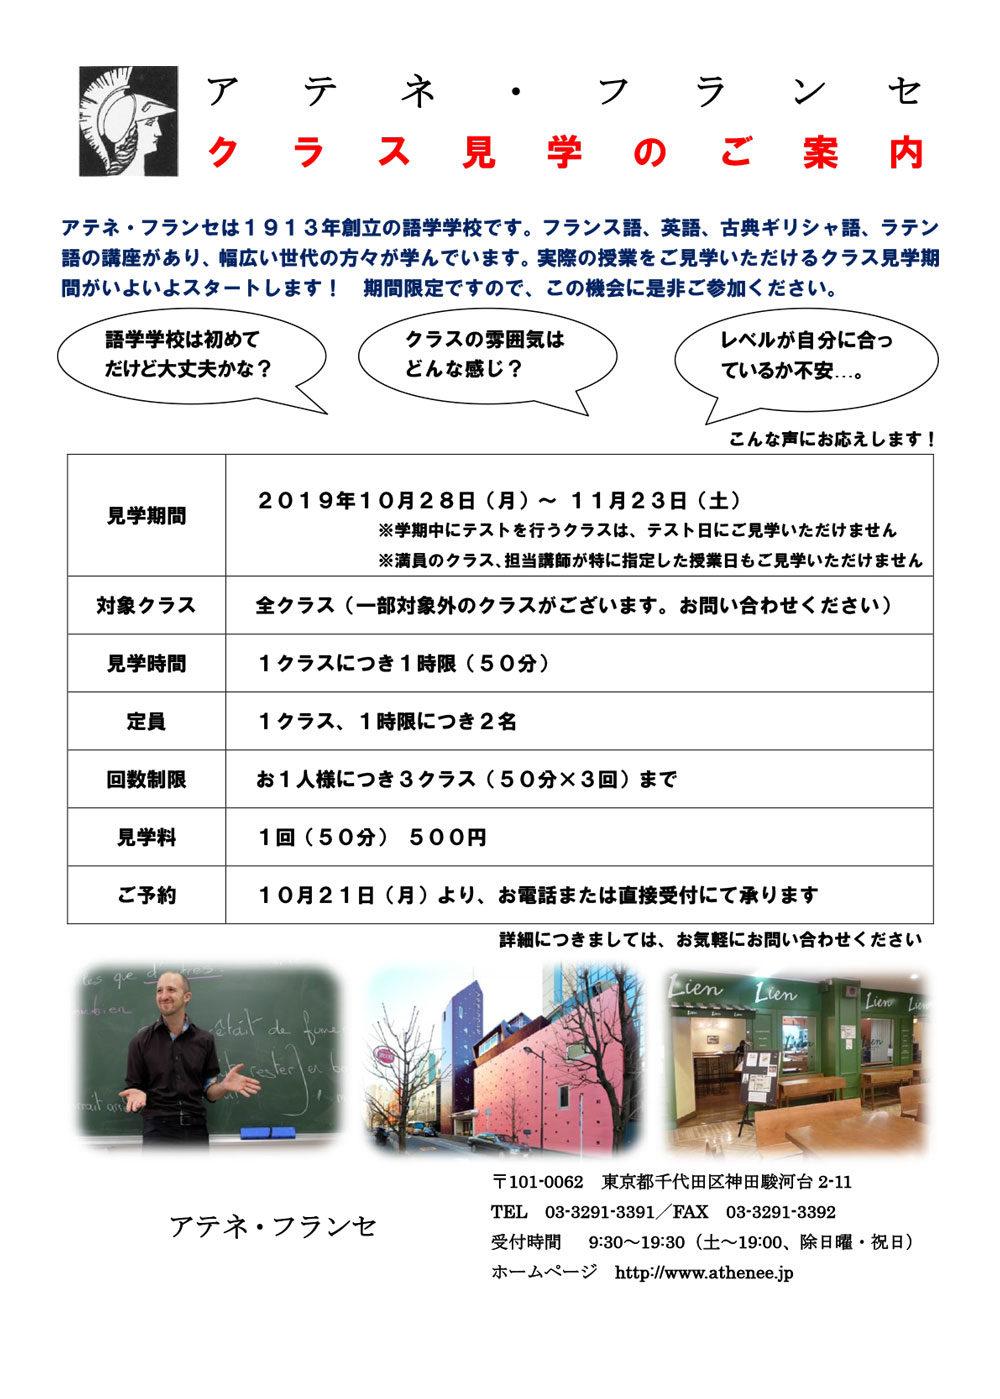 クラス見学のご案内 10/28(月)~11/23(土)